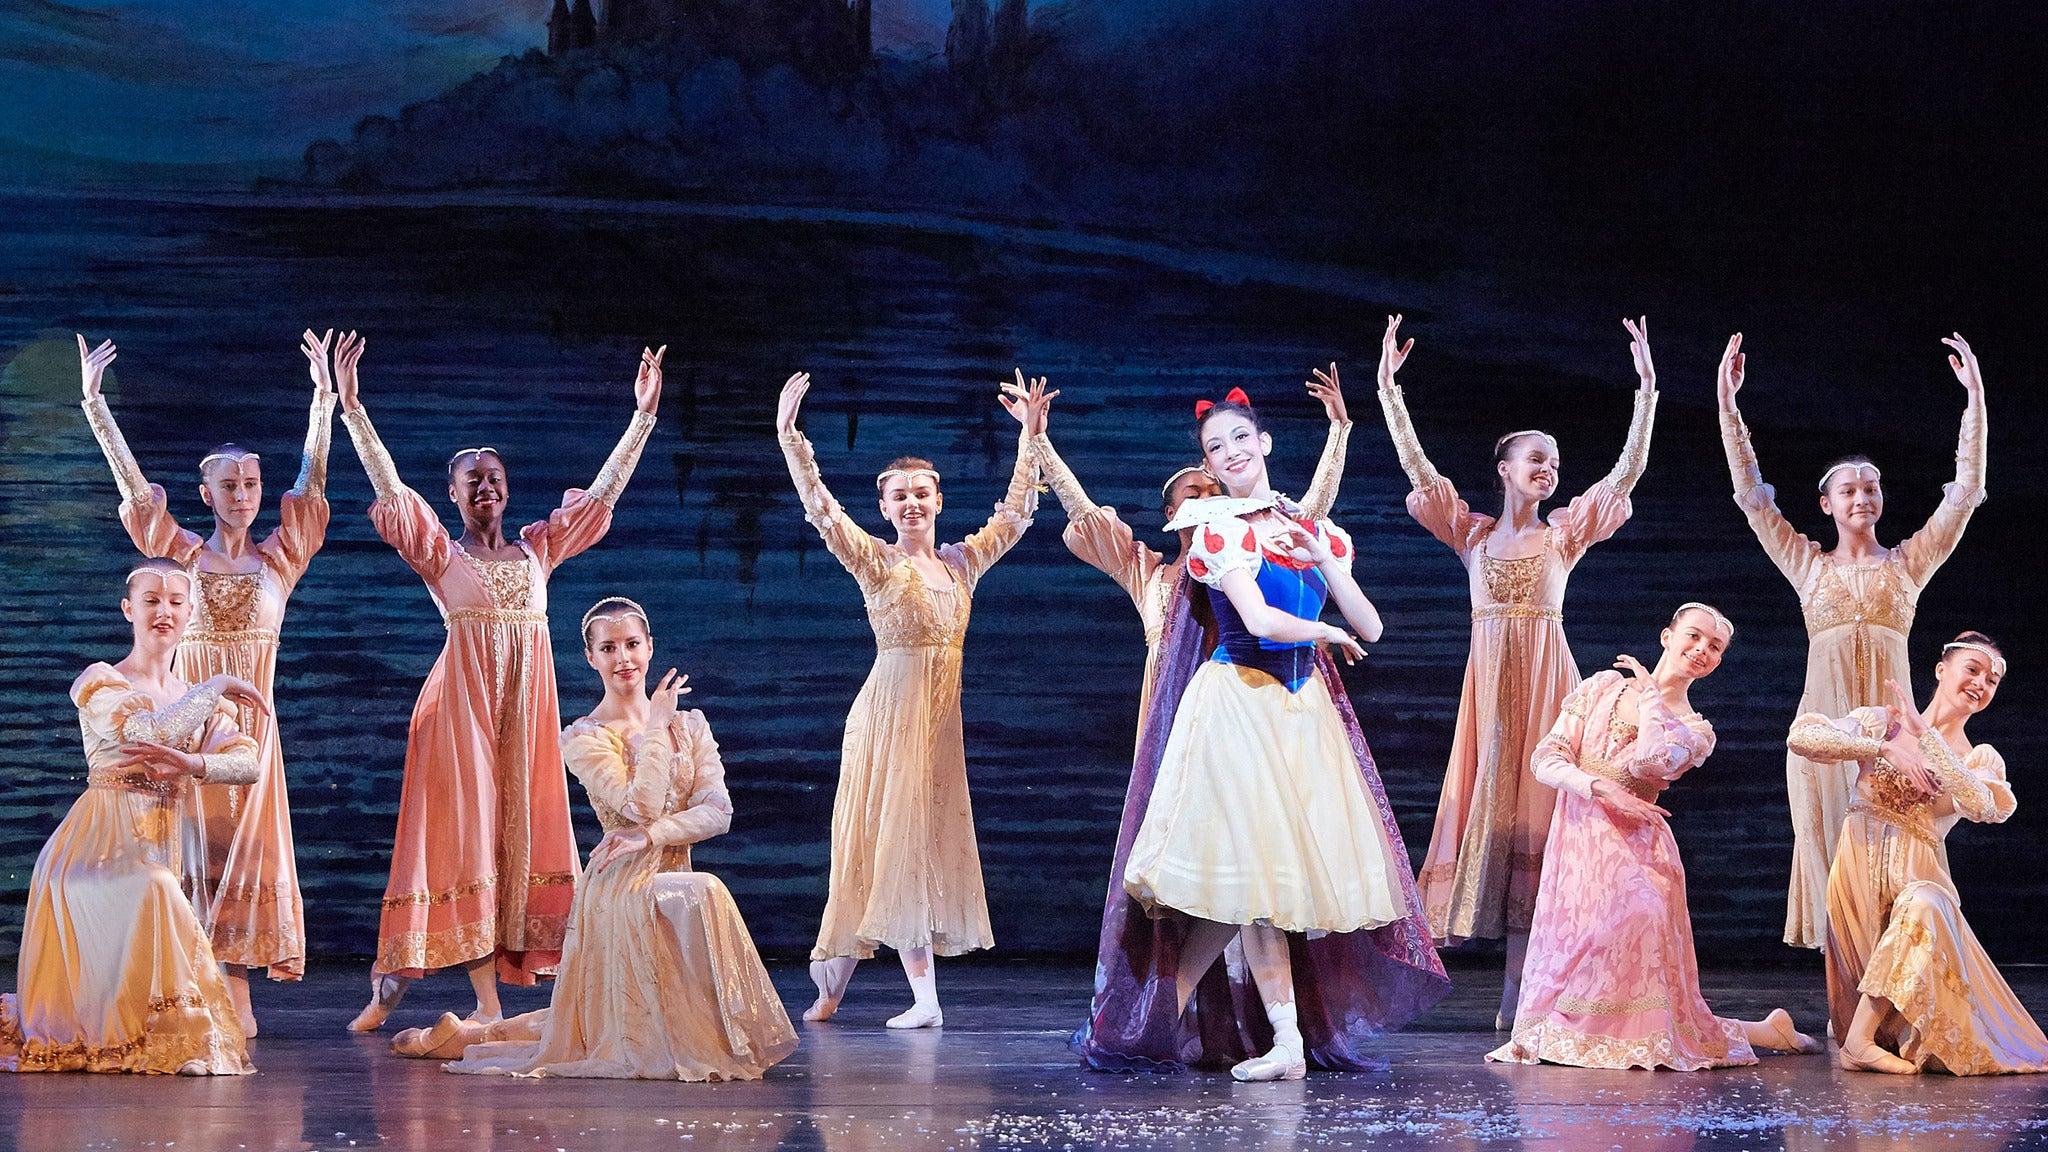 Atlanta Ballet 2 Presents Snow White